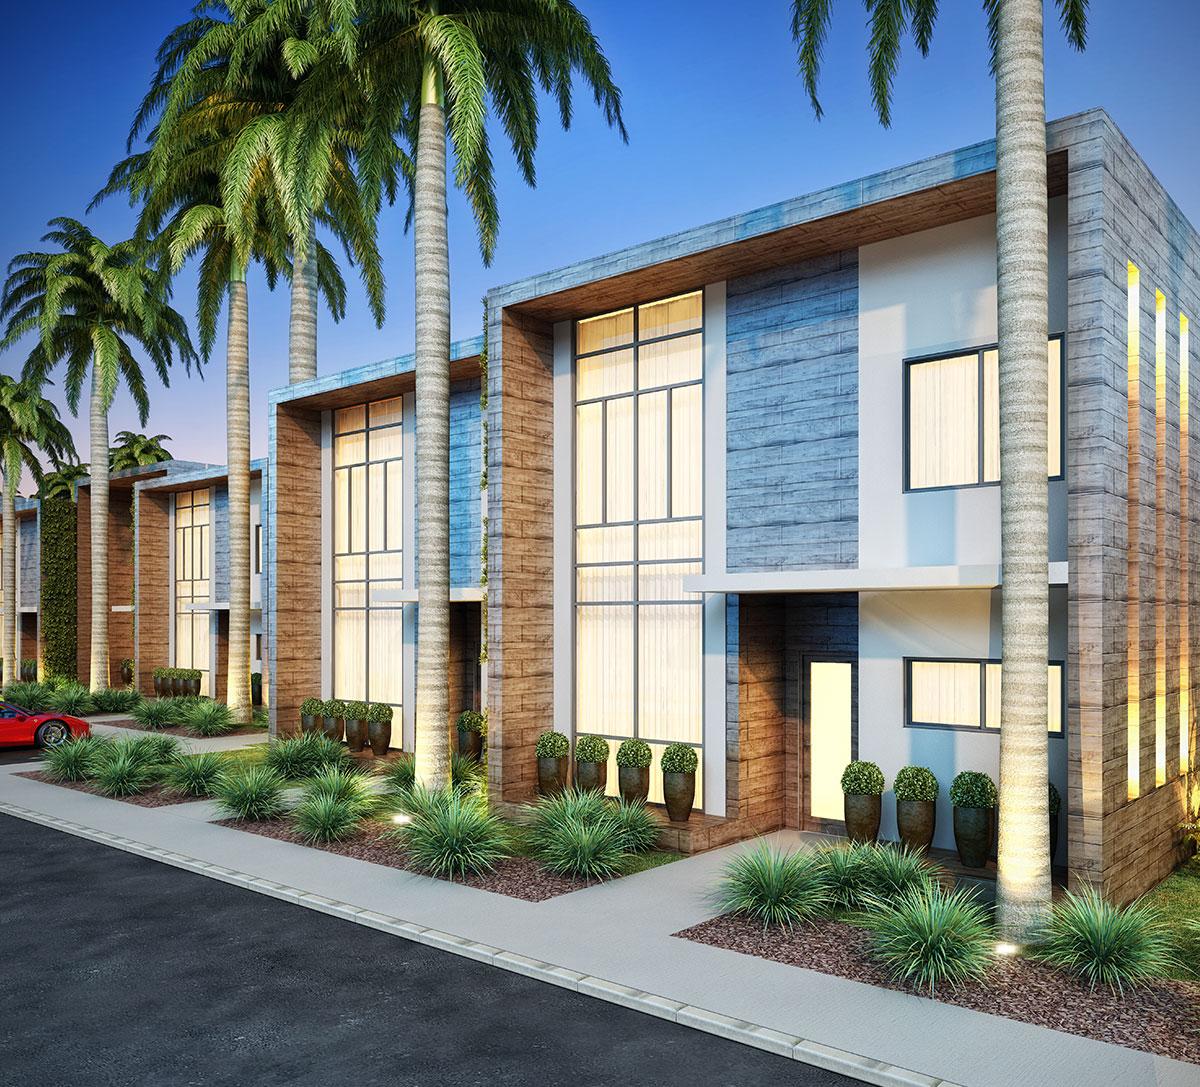 Casas em Orlando - MagicVillage2